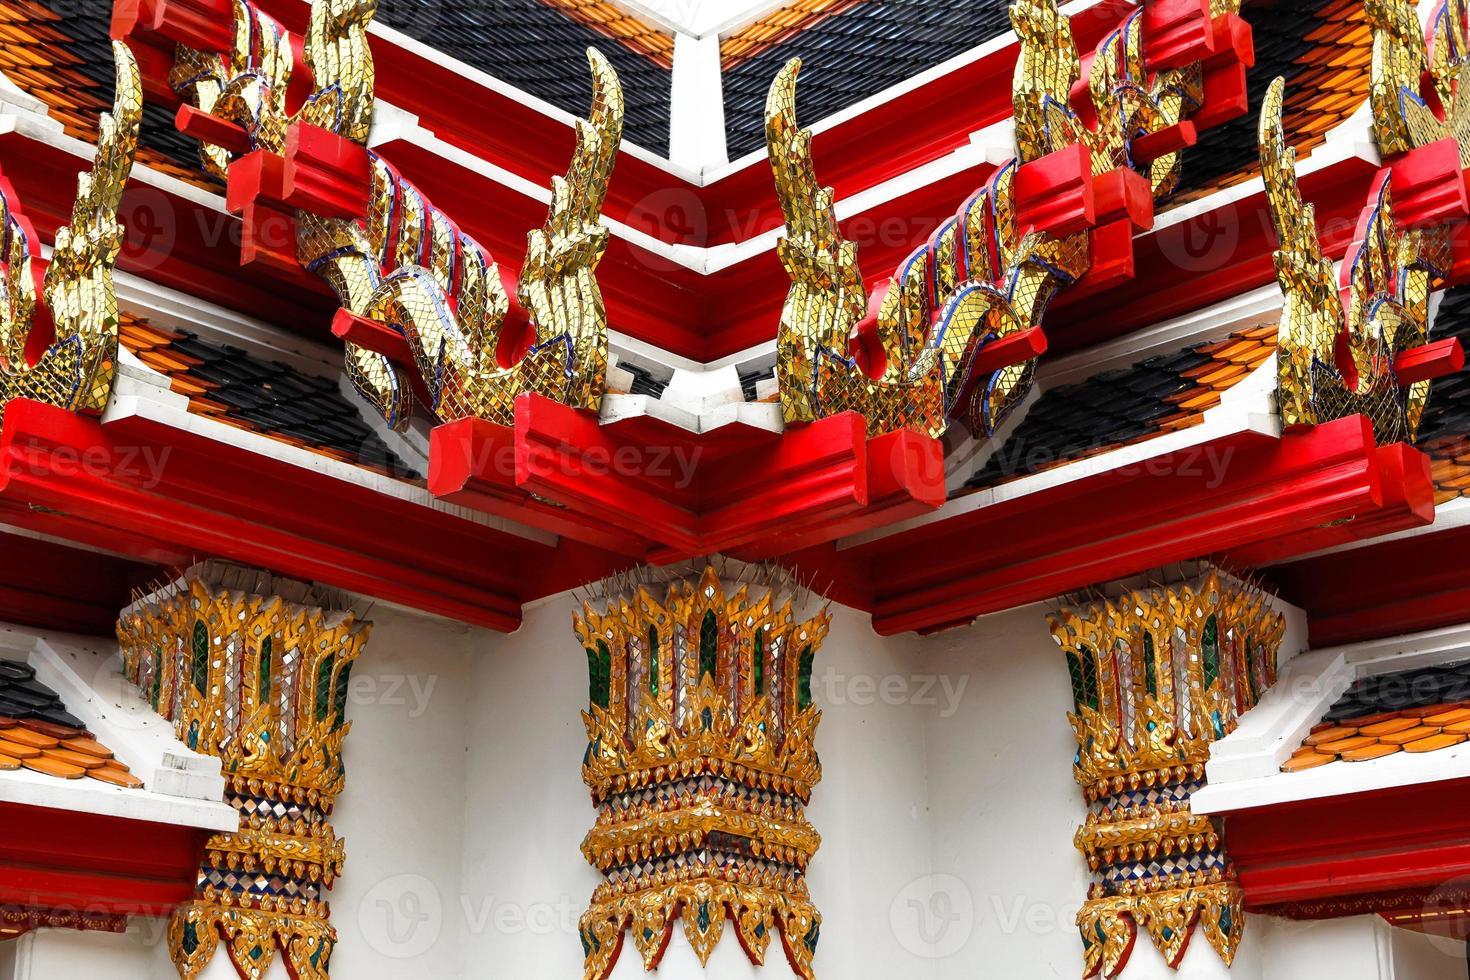 elementi decorativi di un tempio buddista foto